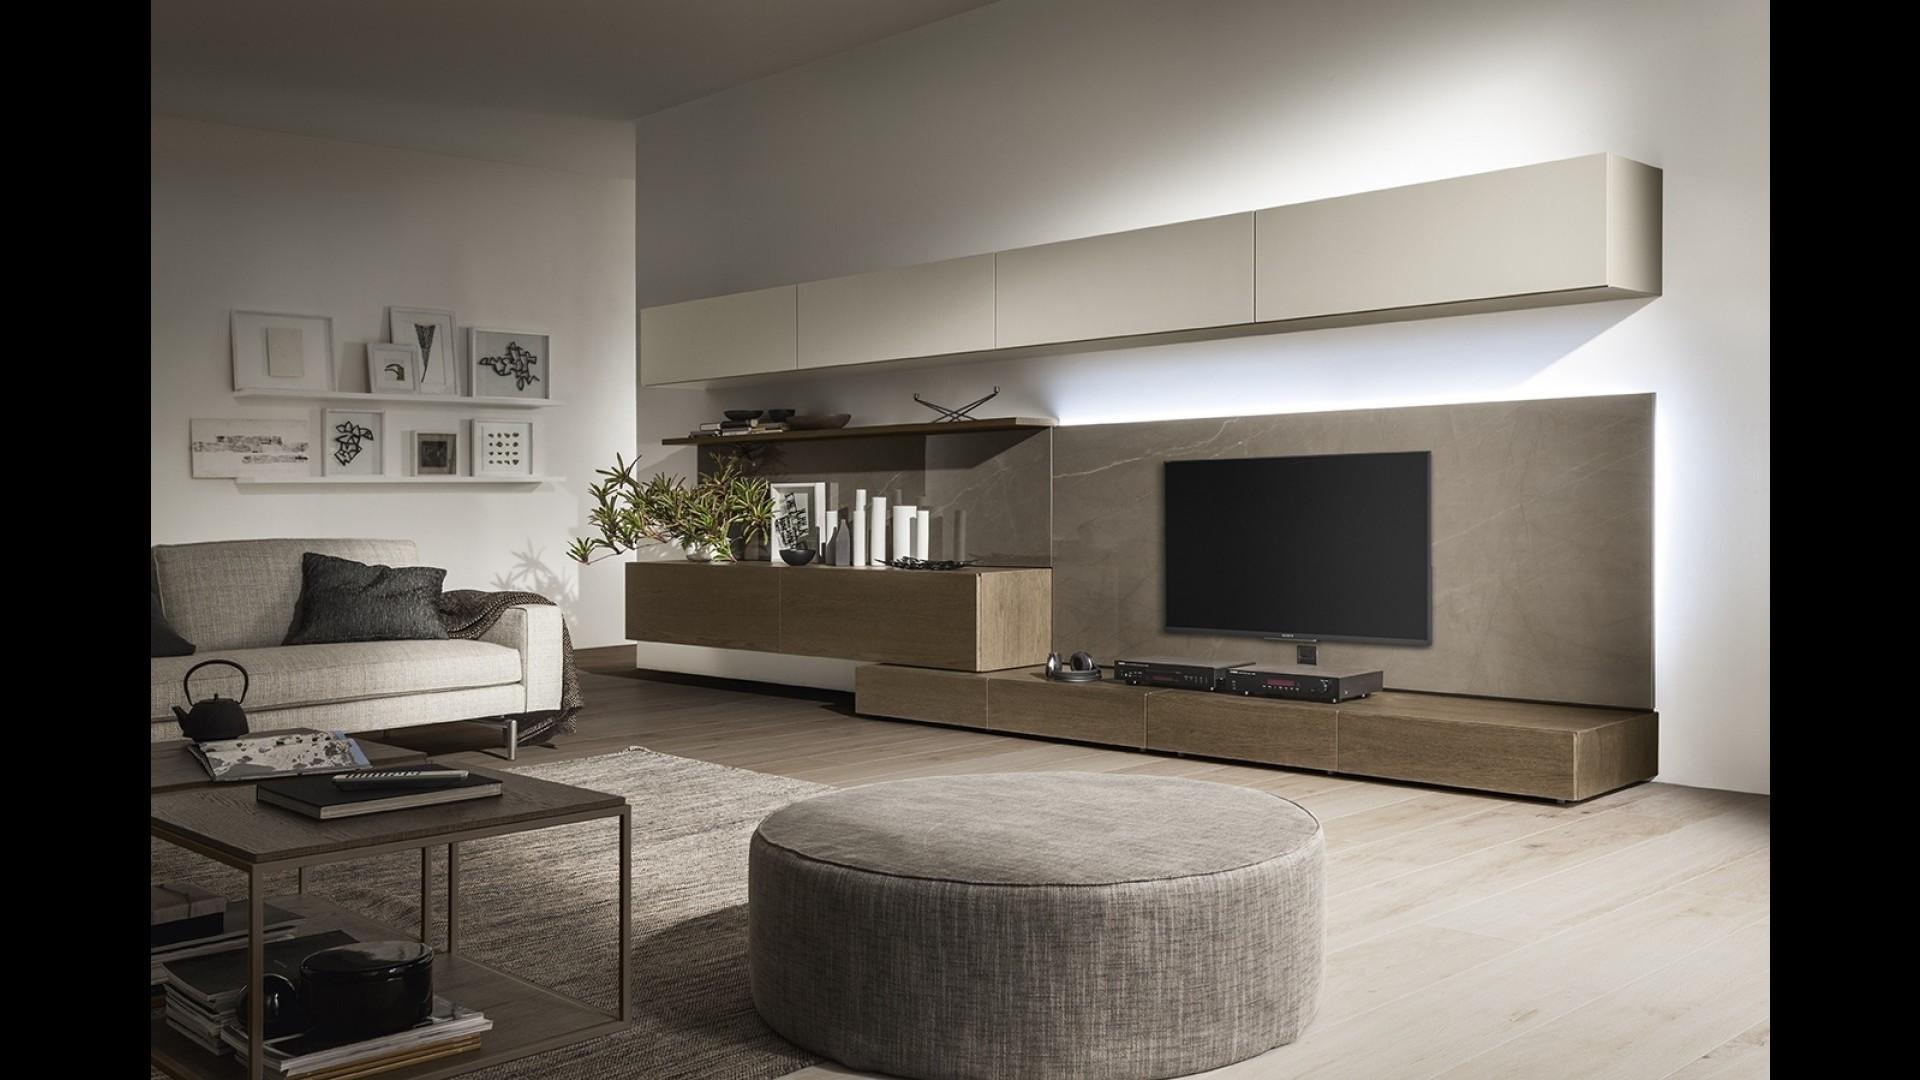 Encuentra todos los muebles de sal n de dise o moderno en for Muebles television diseno